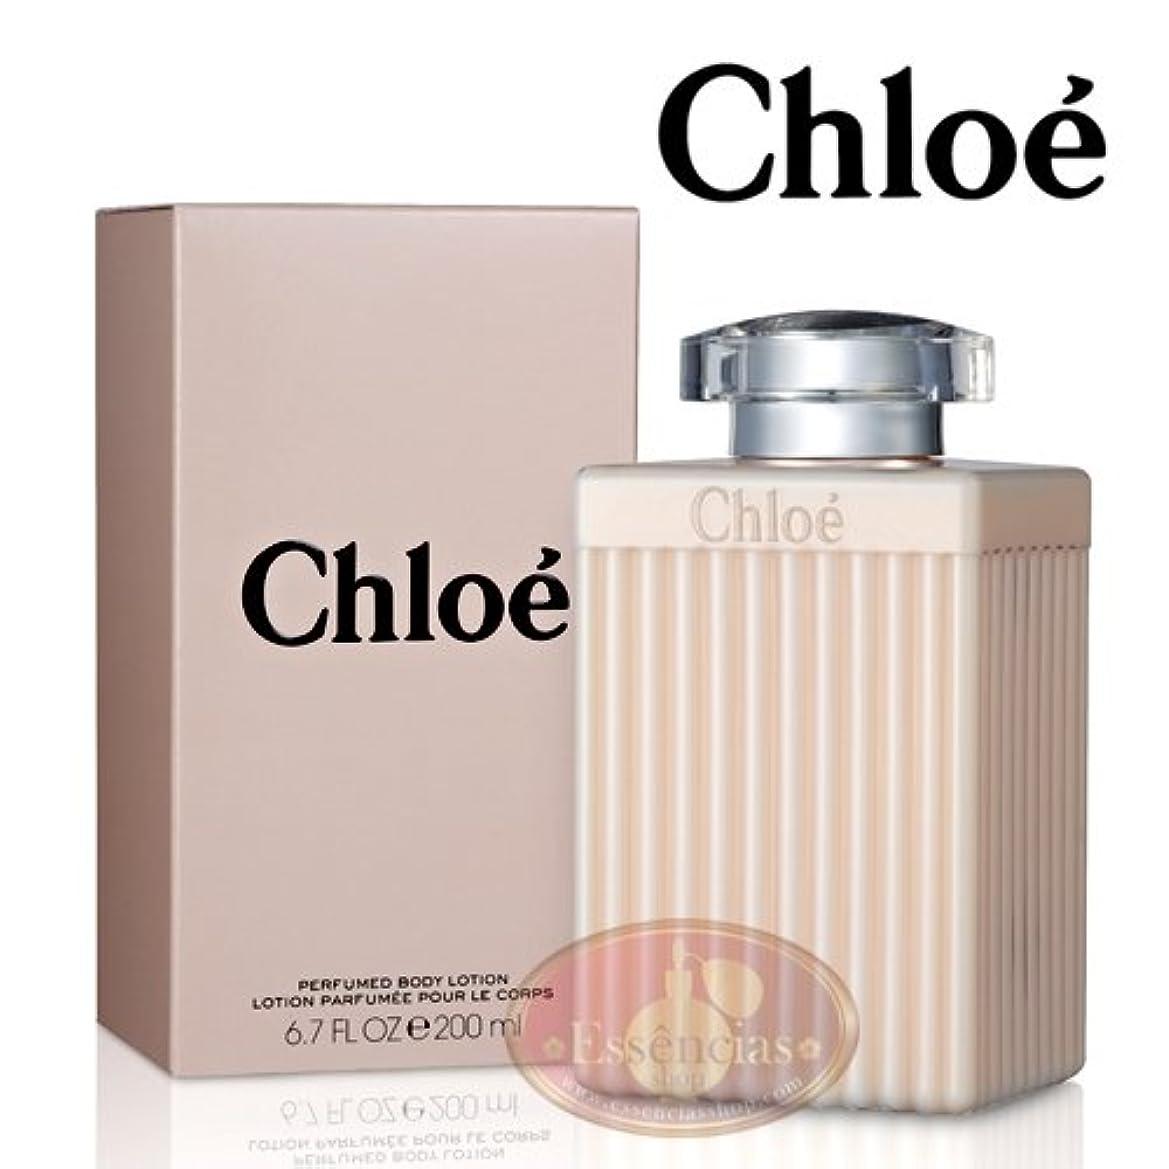 規範シソーラス空気クロエ(Chloe) パフュームド ボディローション 200ml [並行輸入品]